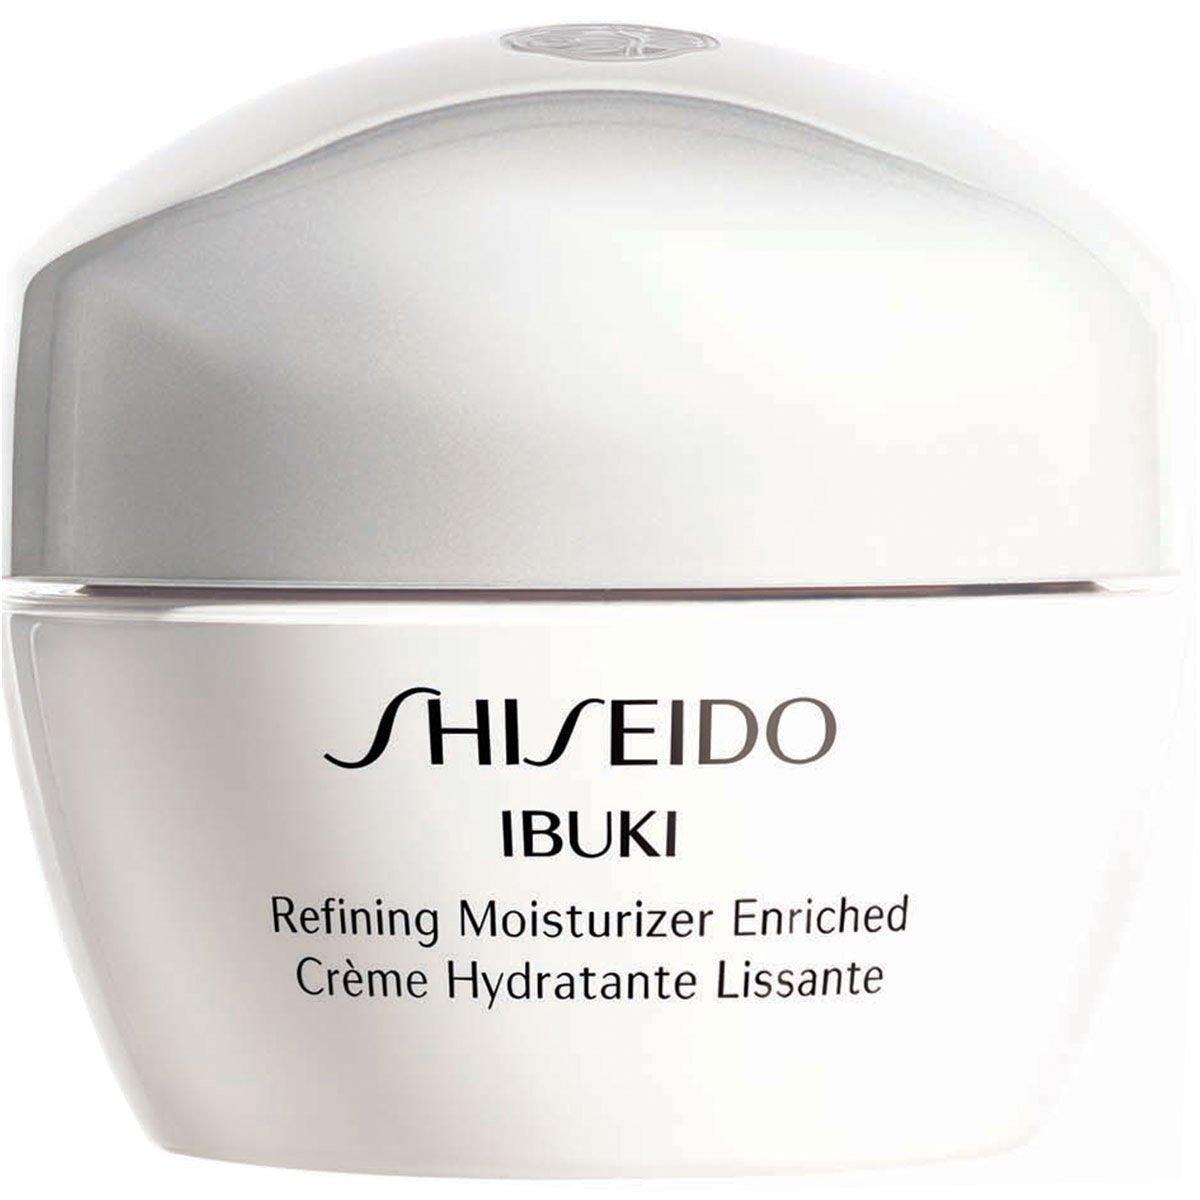 Shiseido Ibuki - Crema Idratante, 50 ml 0729238111165 SHI11116_-50